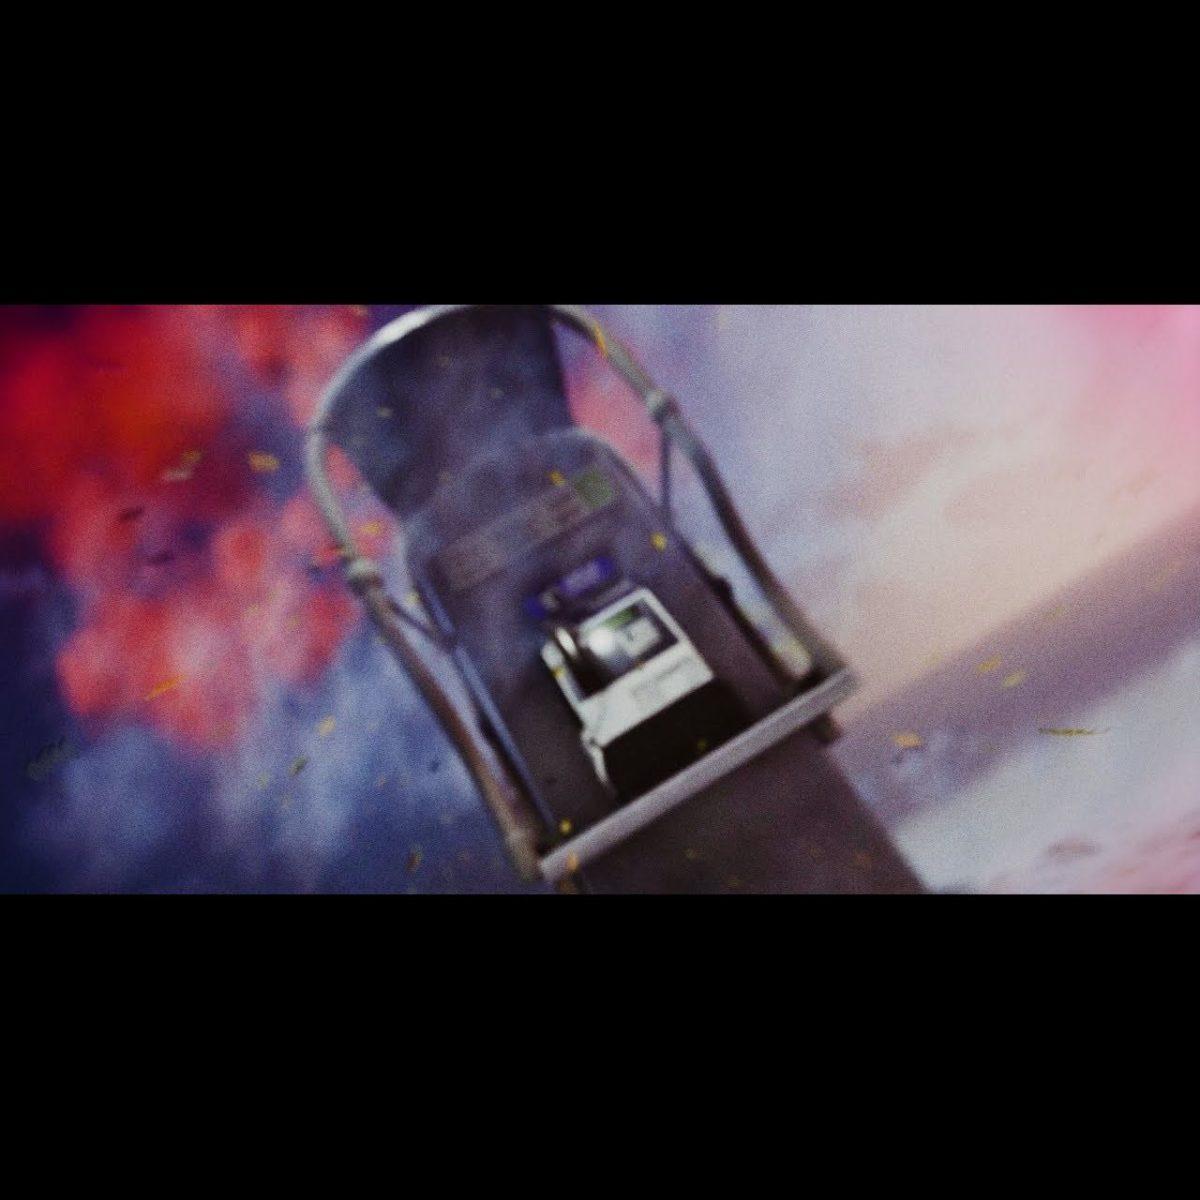 Pop Smoke - Make It Rain (ft. Rowdy Rebel) (Thumbnail)